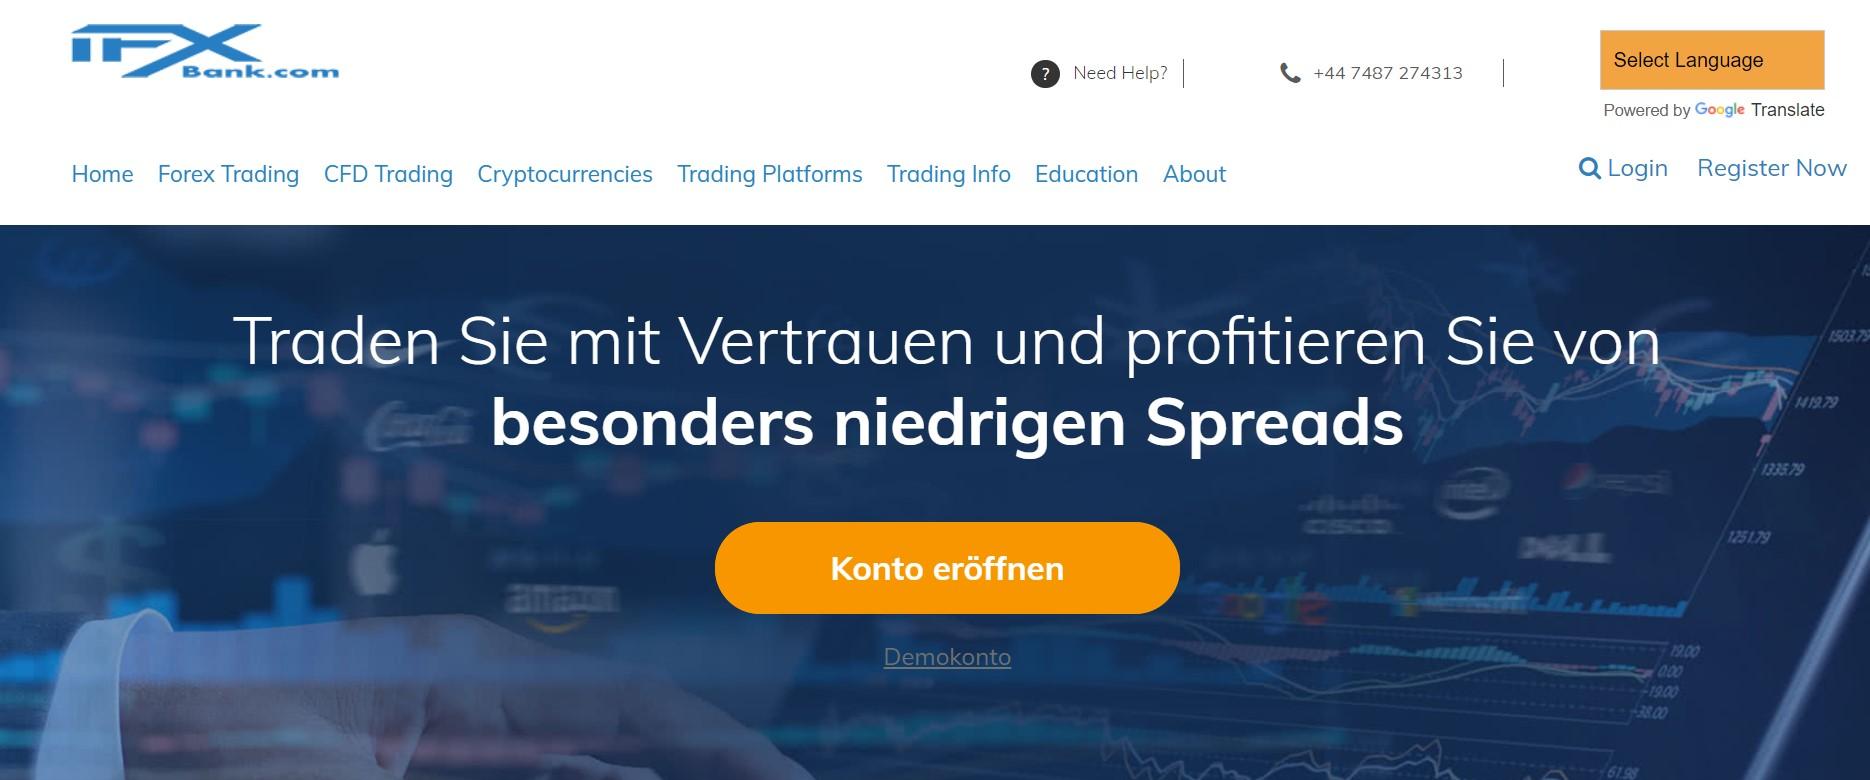 IFXbank website